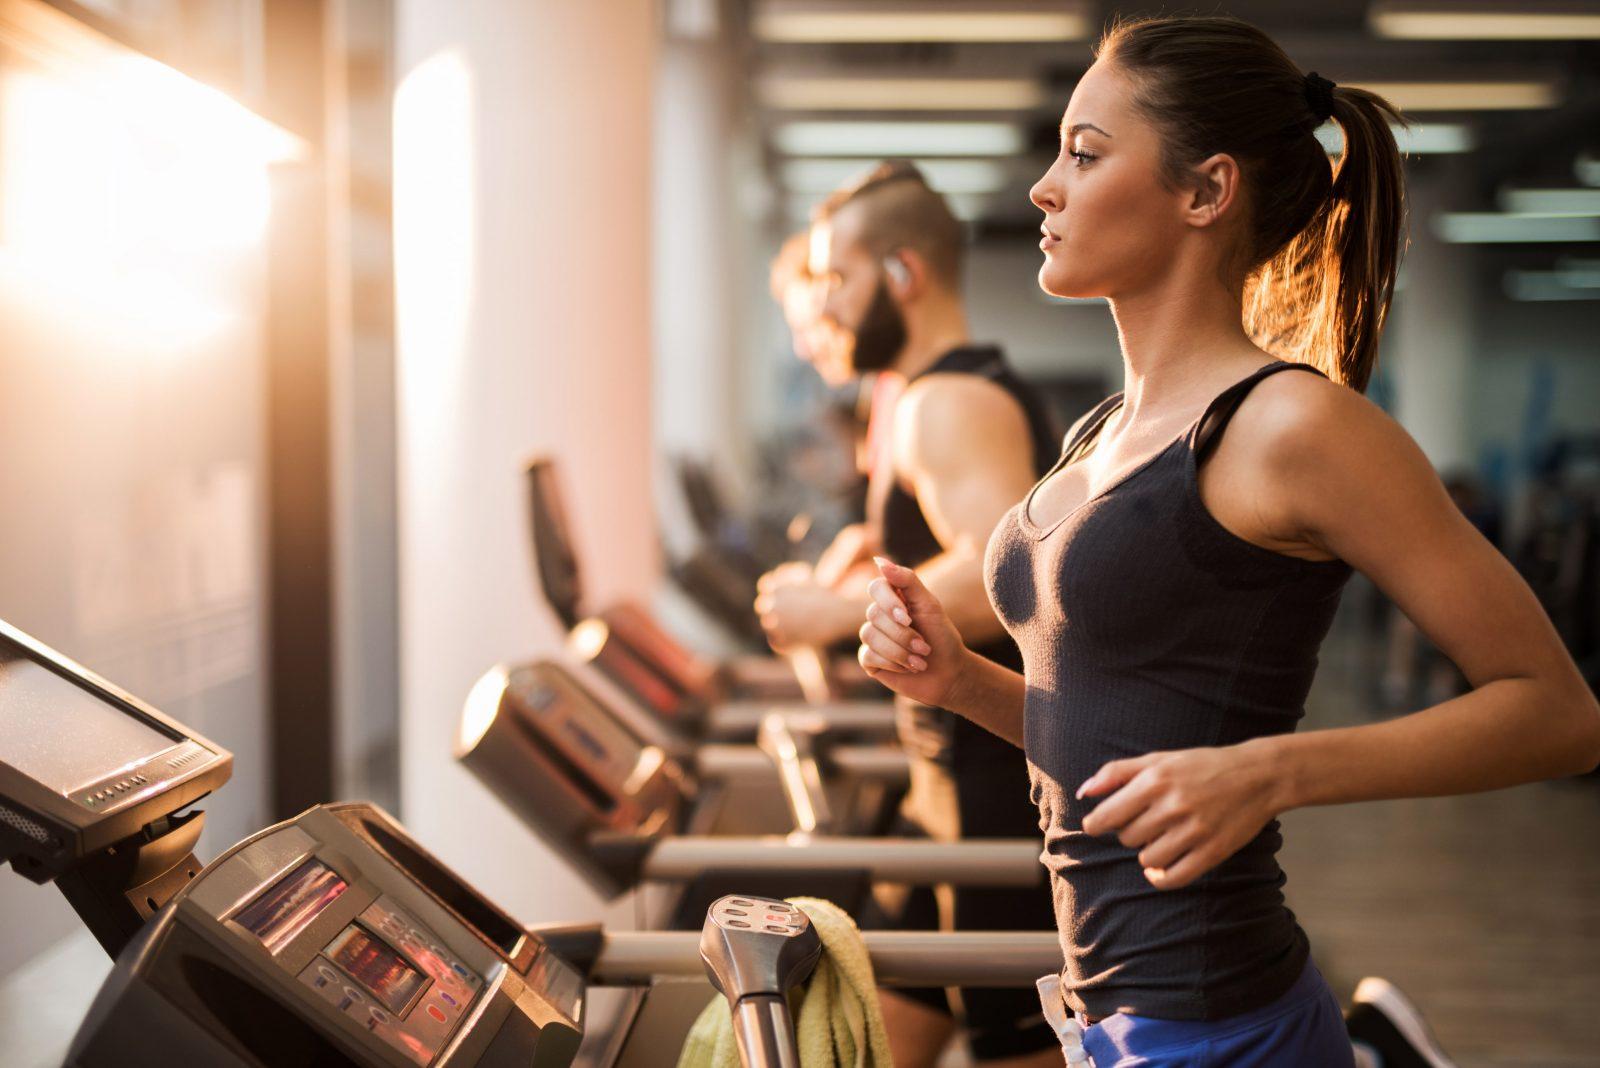 Парни и девушки выполняют пробежку на беговой дорожке в тренажерном зале